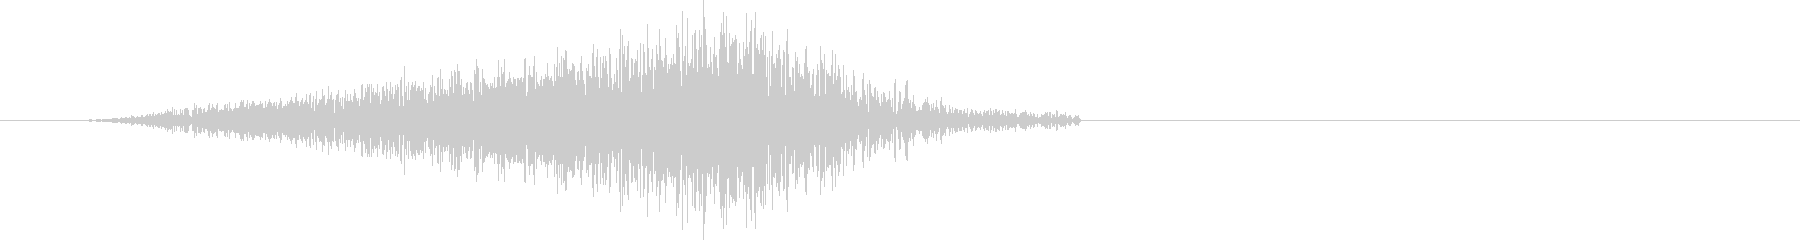 「シュ」紙・本のページをめくる音(中速)の未再生の波形